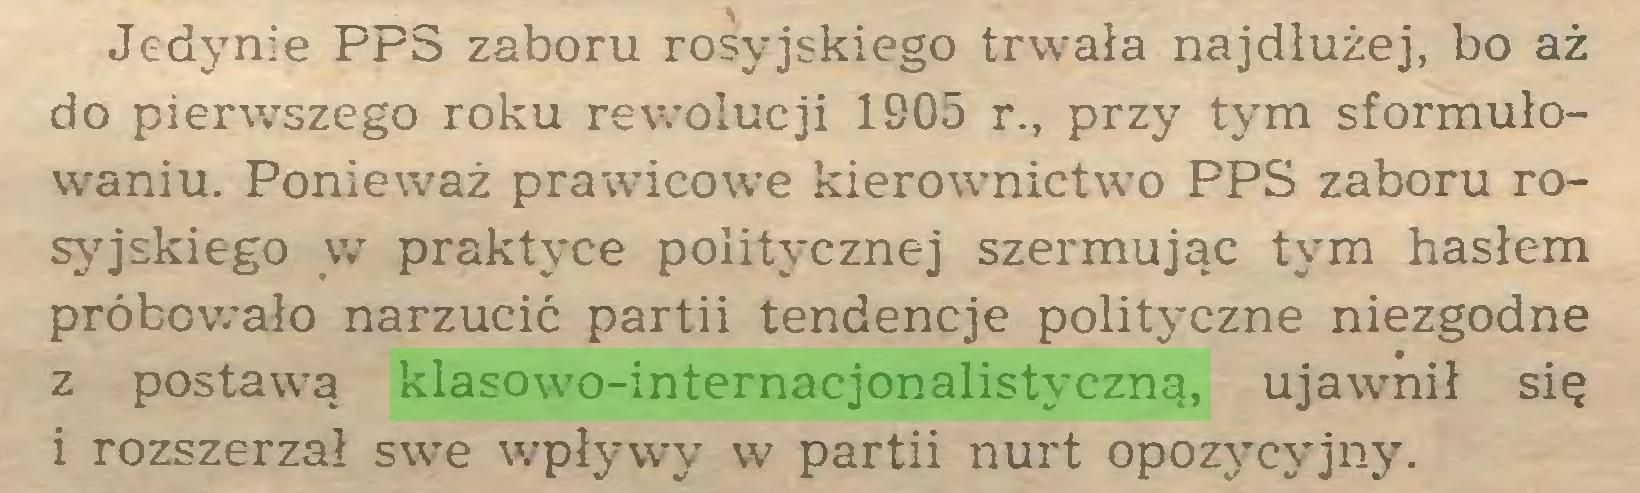 (...) Jedynie PPS zaboru rosyjskiego trw7ała najdłużej, bo aż do pierwszego roku rewolucji 1905 r., przy tym sformułowaniu. Ponieważ prawicowe kierownictwo PPS zaboru rosyjskiego w praktyce politycznej szermując tym hasłem próbowało narzucić partii tendencje polityczne niezgodne z postawą klasowo-internacjonalistyczną, ujawnił się i rozszerzał swe wypływy w partii nurt opozycyjny...